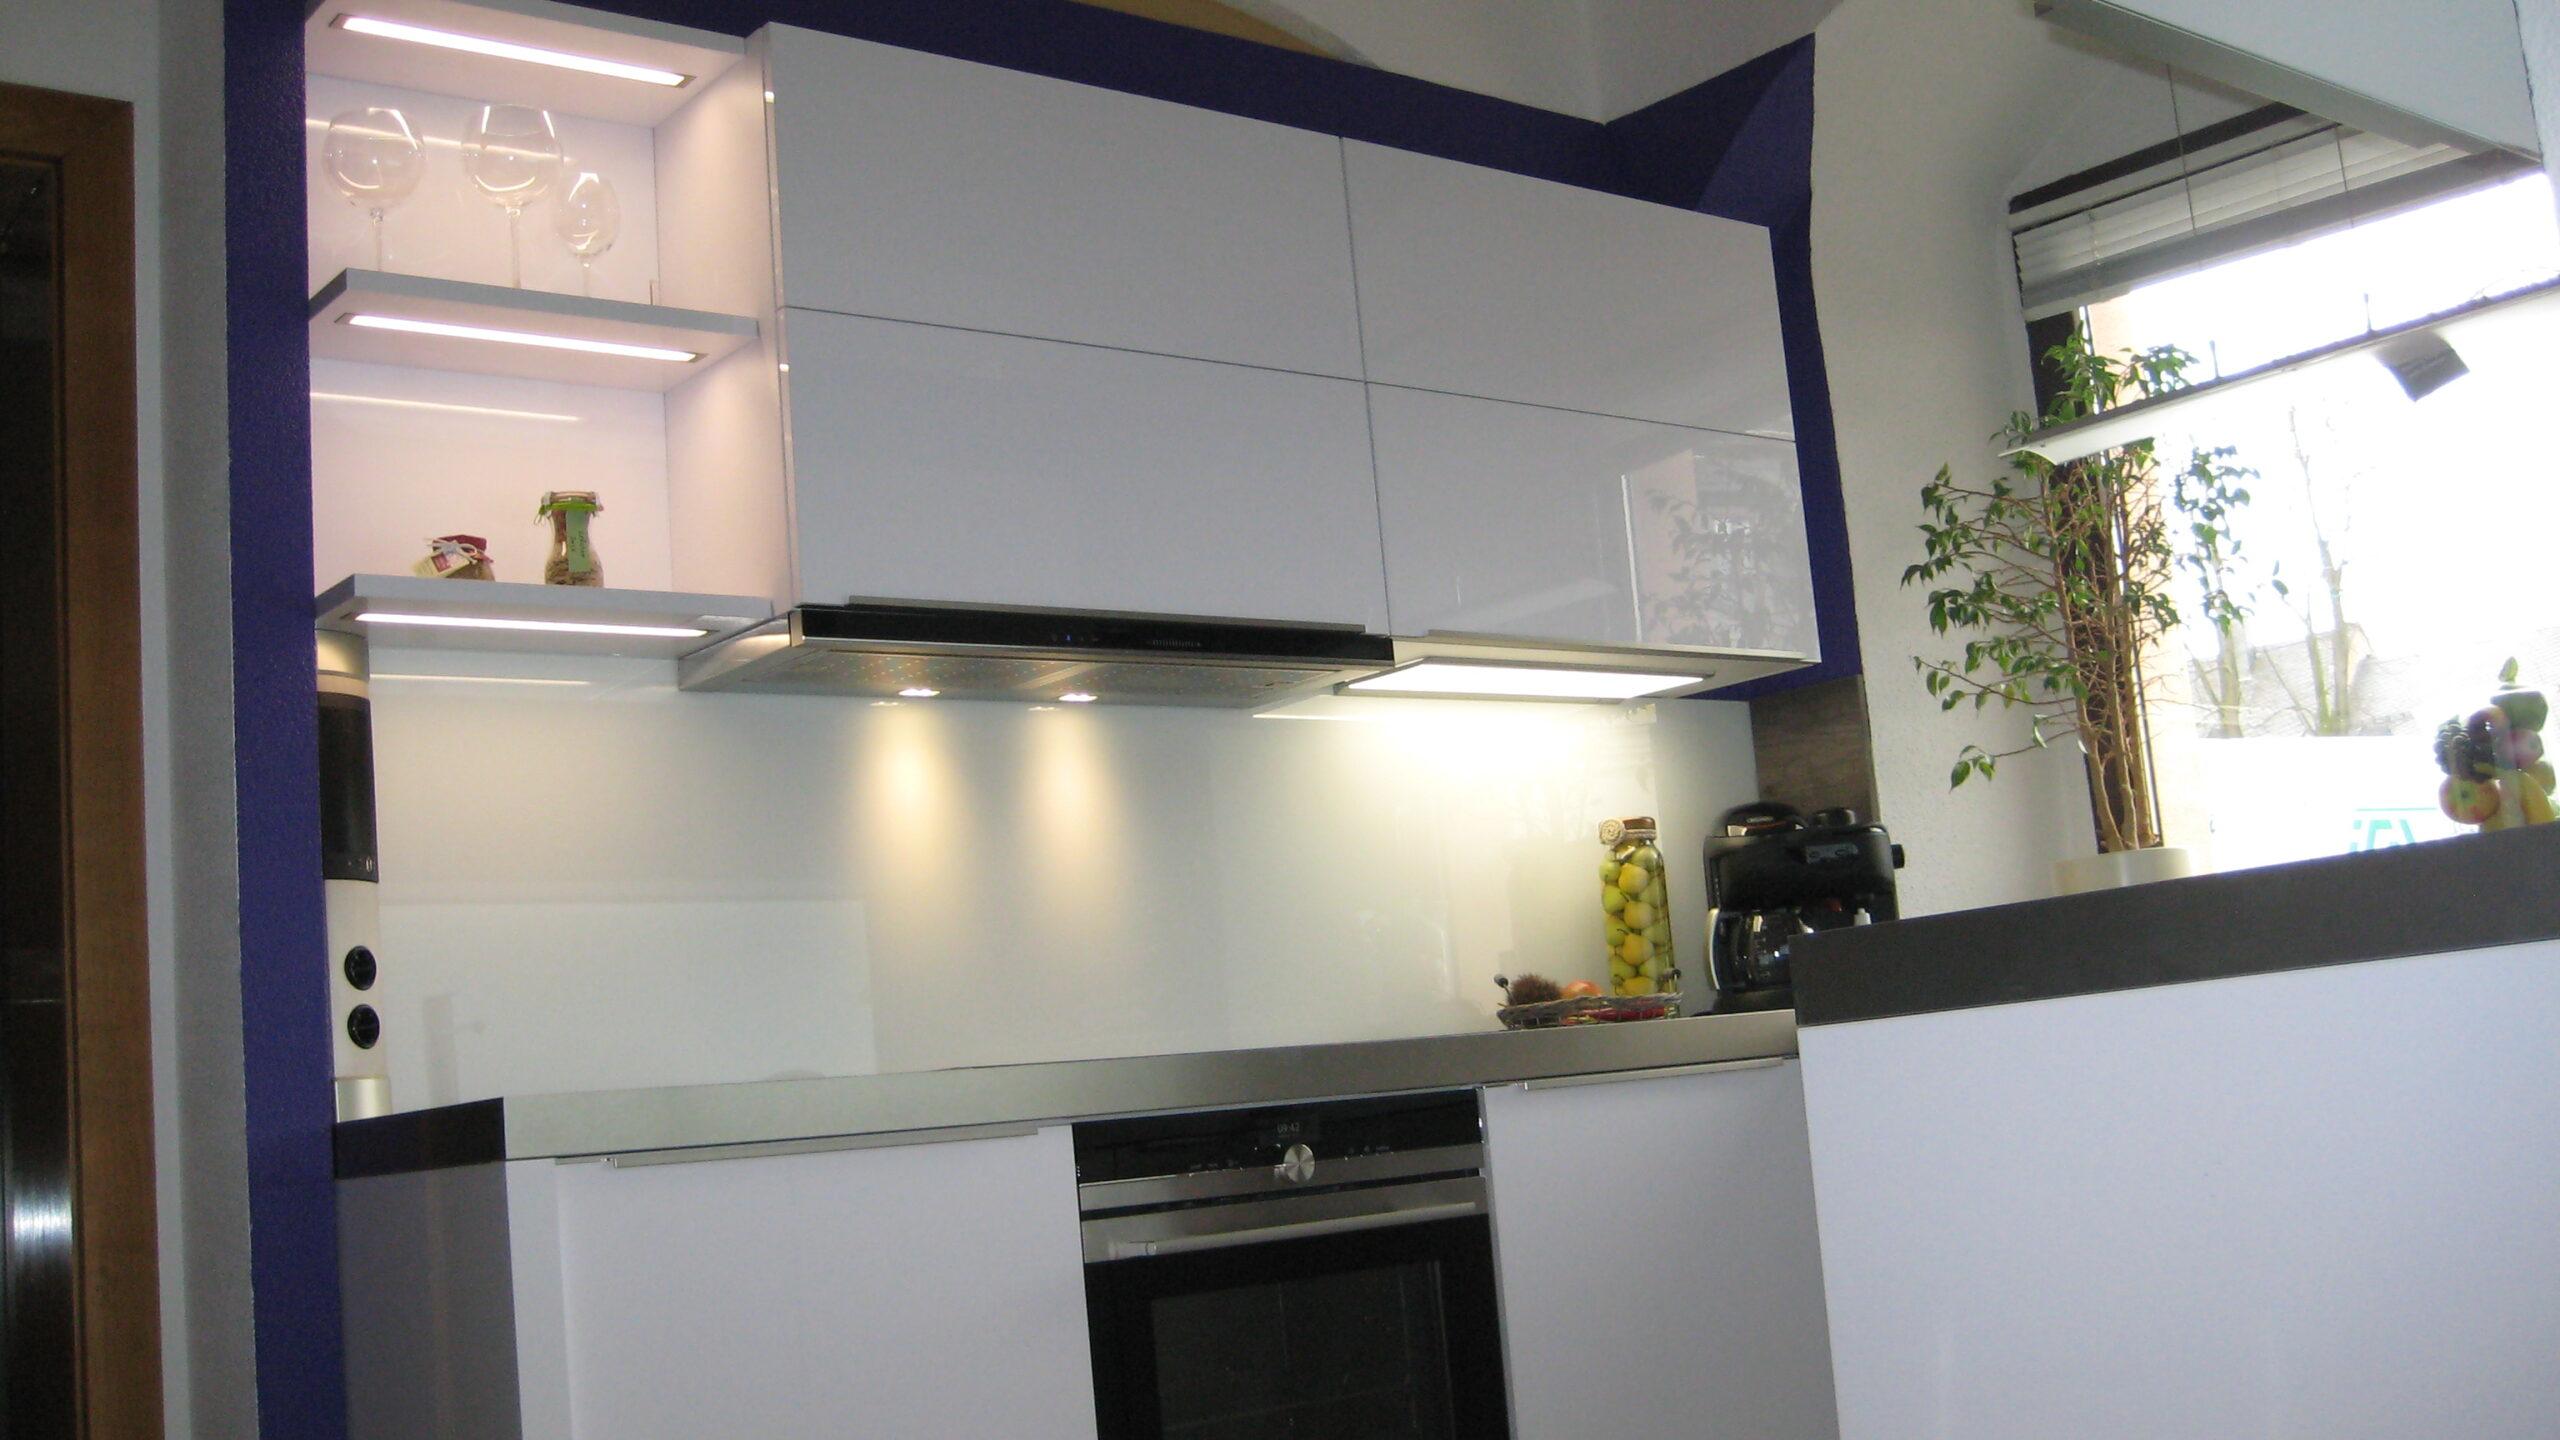 Full Size of Küchen Abverkauf Nobilia Einbauküche Küche Bad Regal Inselküche Wohnzimmer Küchen Abverkauf Nobilia